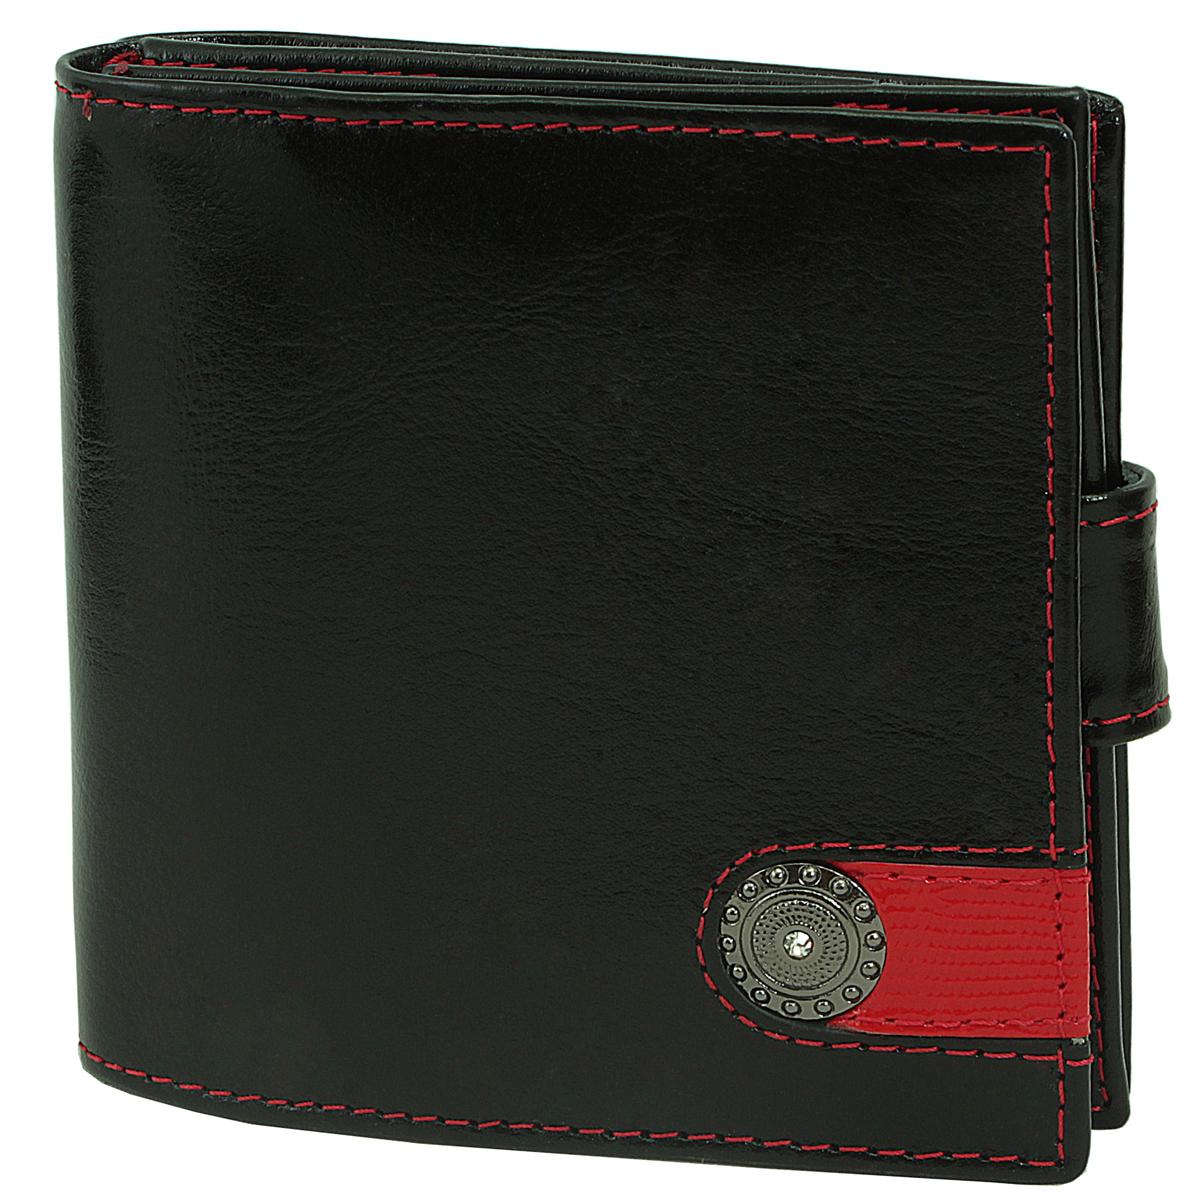 Кошелек женский Dimanche Panthere Noire, цвет: черный. 204204Женский компактный кошелек Panthere Noire выполнен из натуральной высококачественной кожи. Кошелек состоит из двух отделений. Первое отделение закрывается на магнитную кнопку, имеет четыре кармашка для кредиток и карман для монет с клапаном на кнопке. Второе отделение содержит закрывается на клапан с магнитной кнопкой и содержит два кармана для купюр. Между отделениями также предусмотрен кармашек. Кошелек упакован в фирменную картонную коробку.